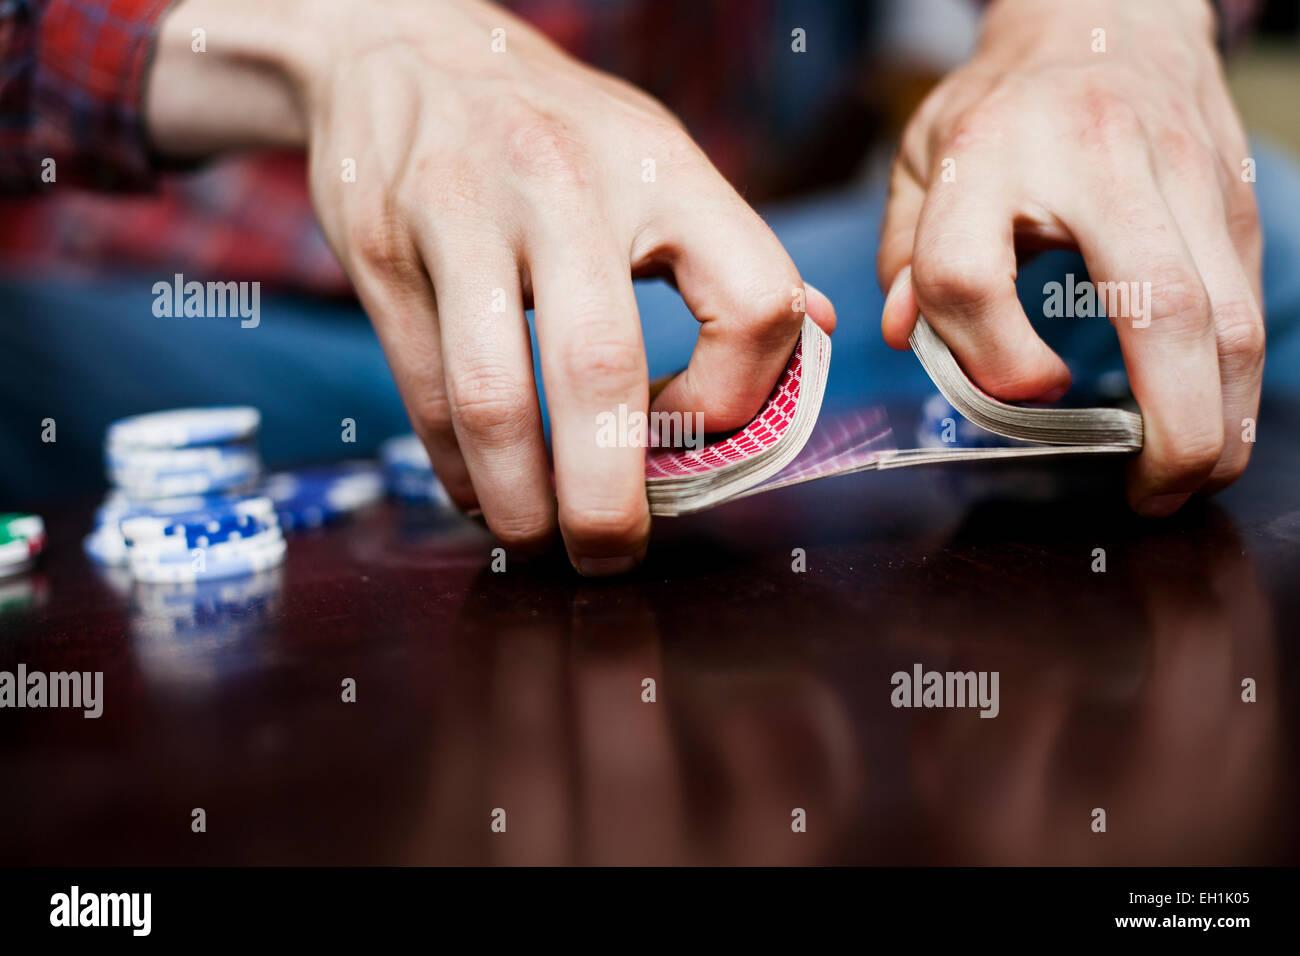 Immagine ritagliata delle mani dell'uomo e di miscelazione shuffling mazzo di carte Immagini Stock